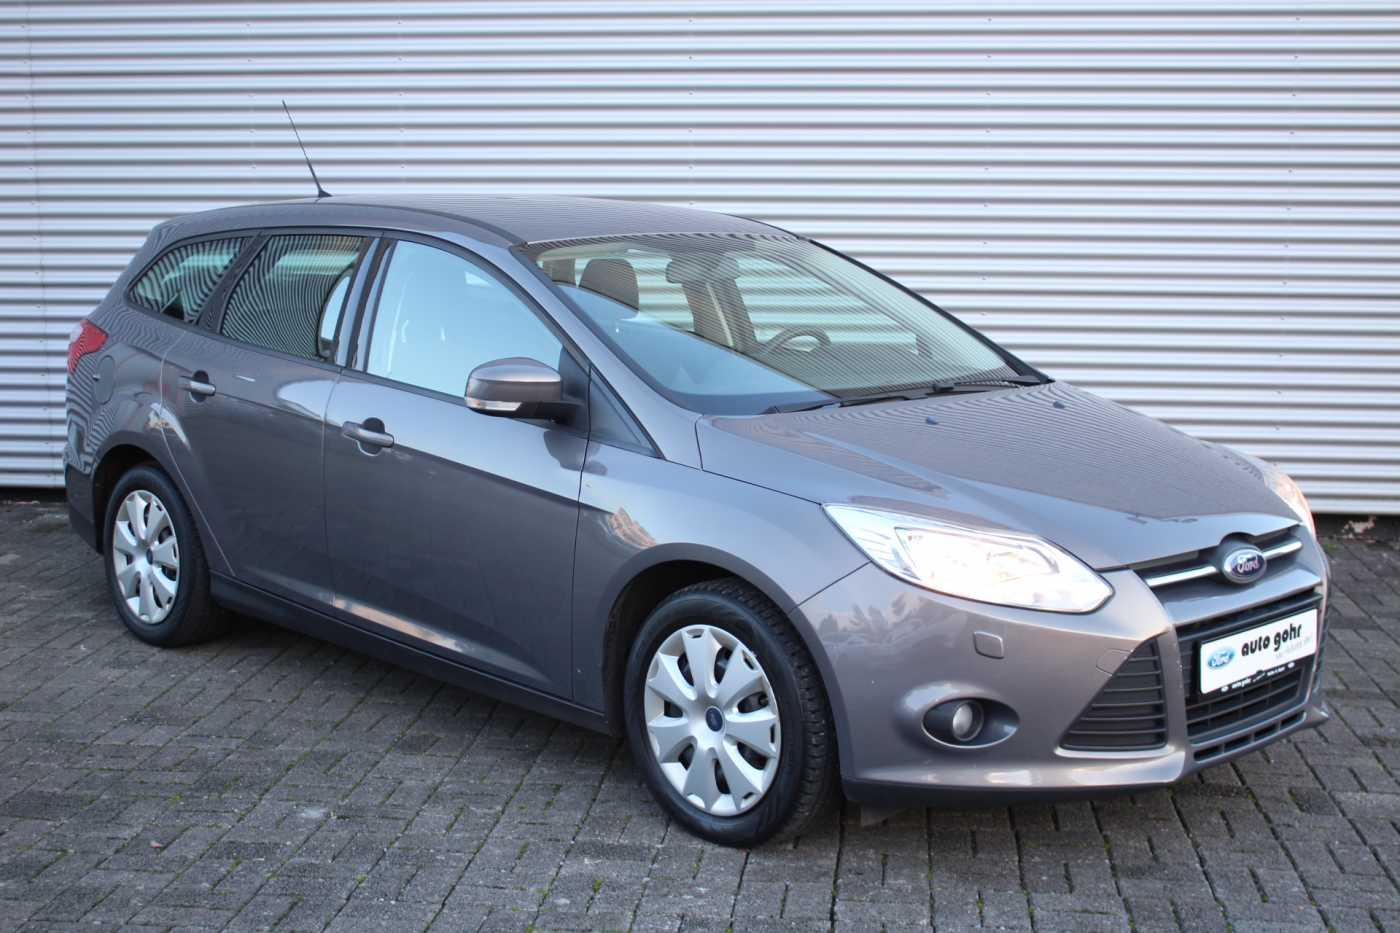 Ford Focus Turnier 1.6 Ti-VCT Trend *RADIO*KLIMA*SITZHEIZ*, Jahr 2012, Benzin